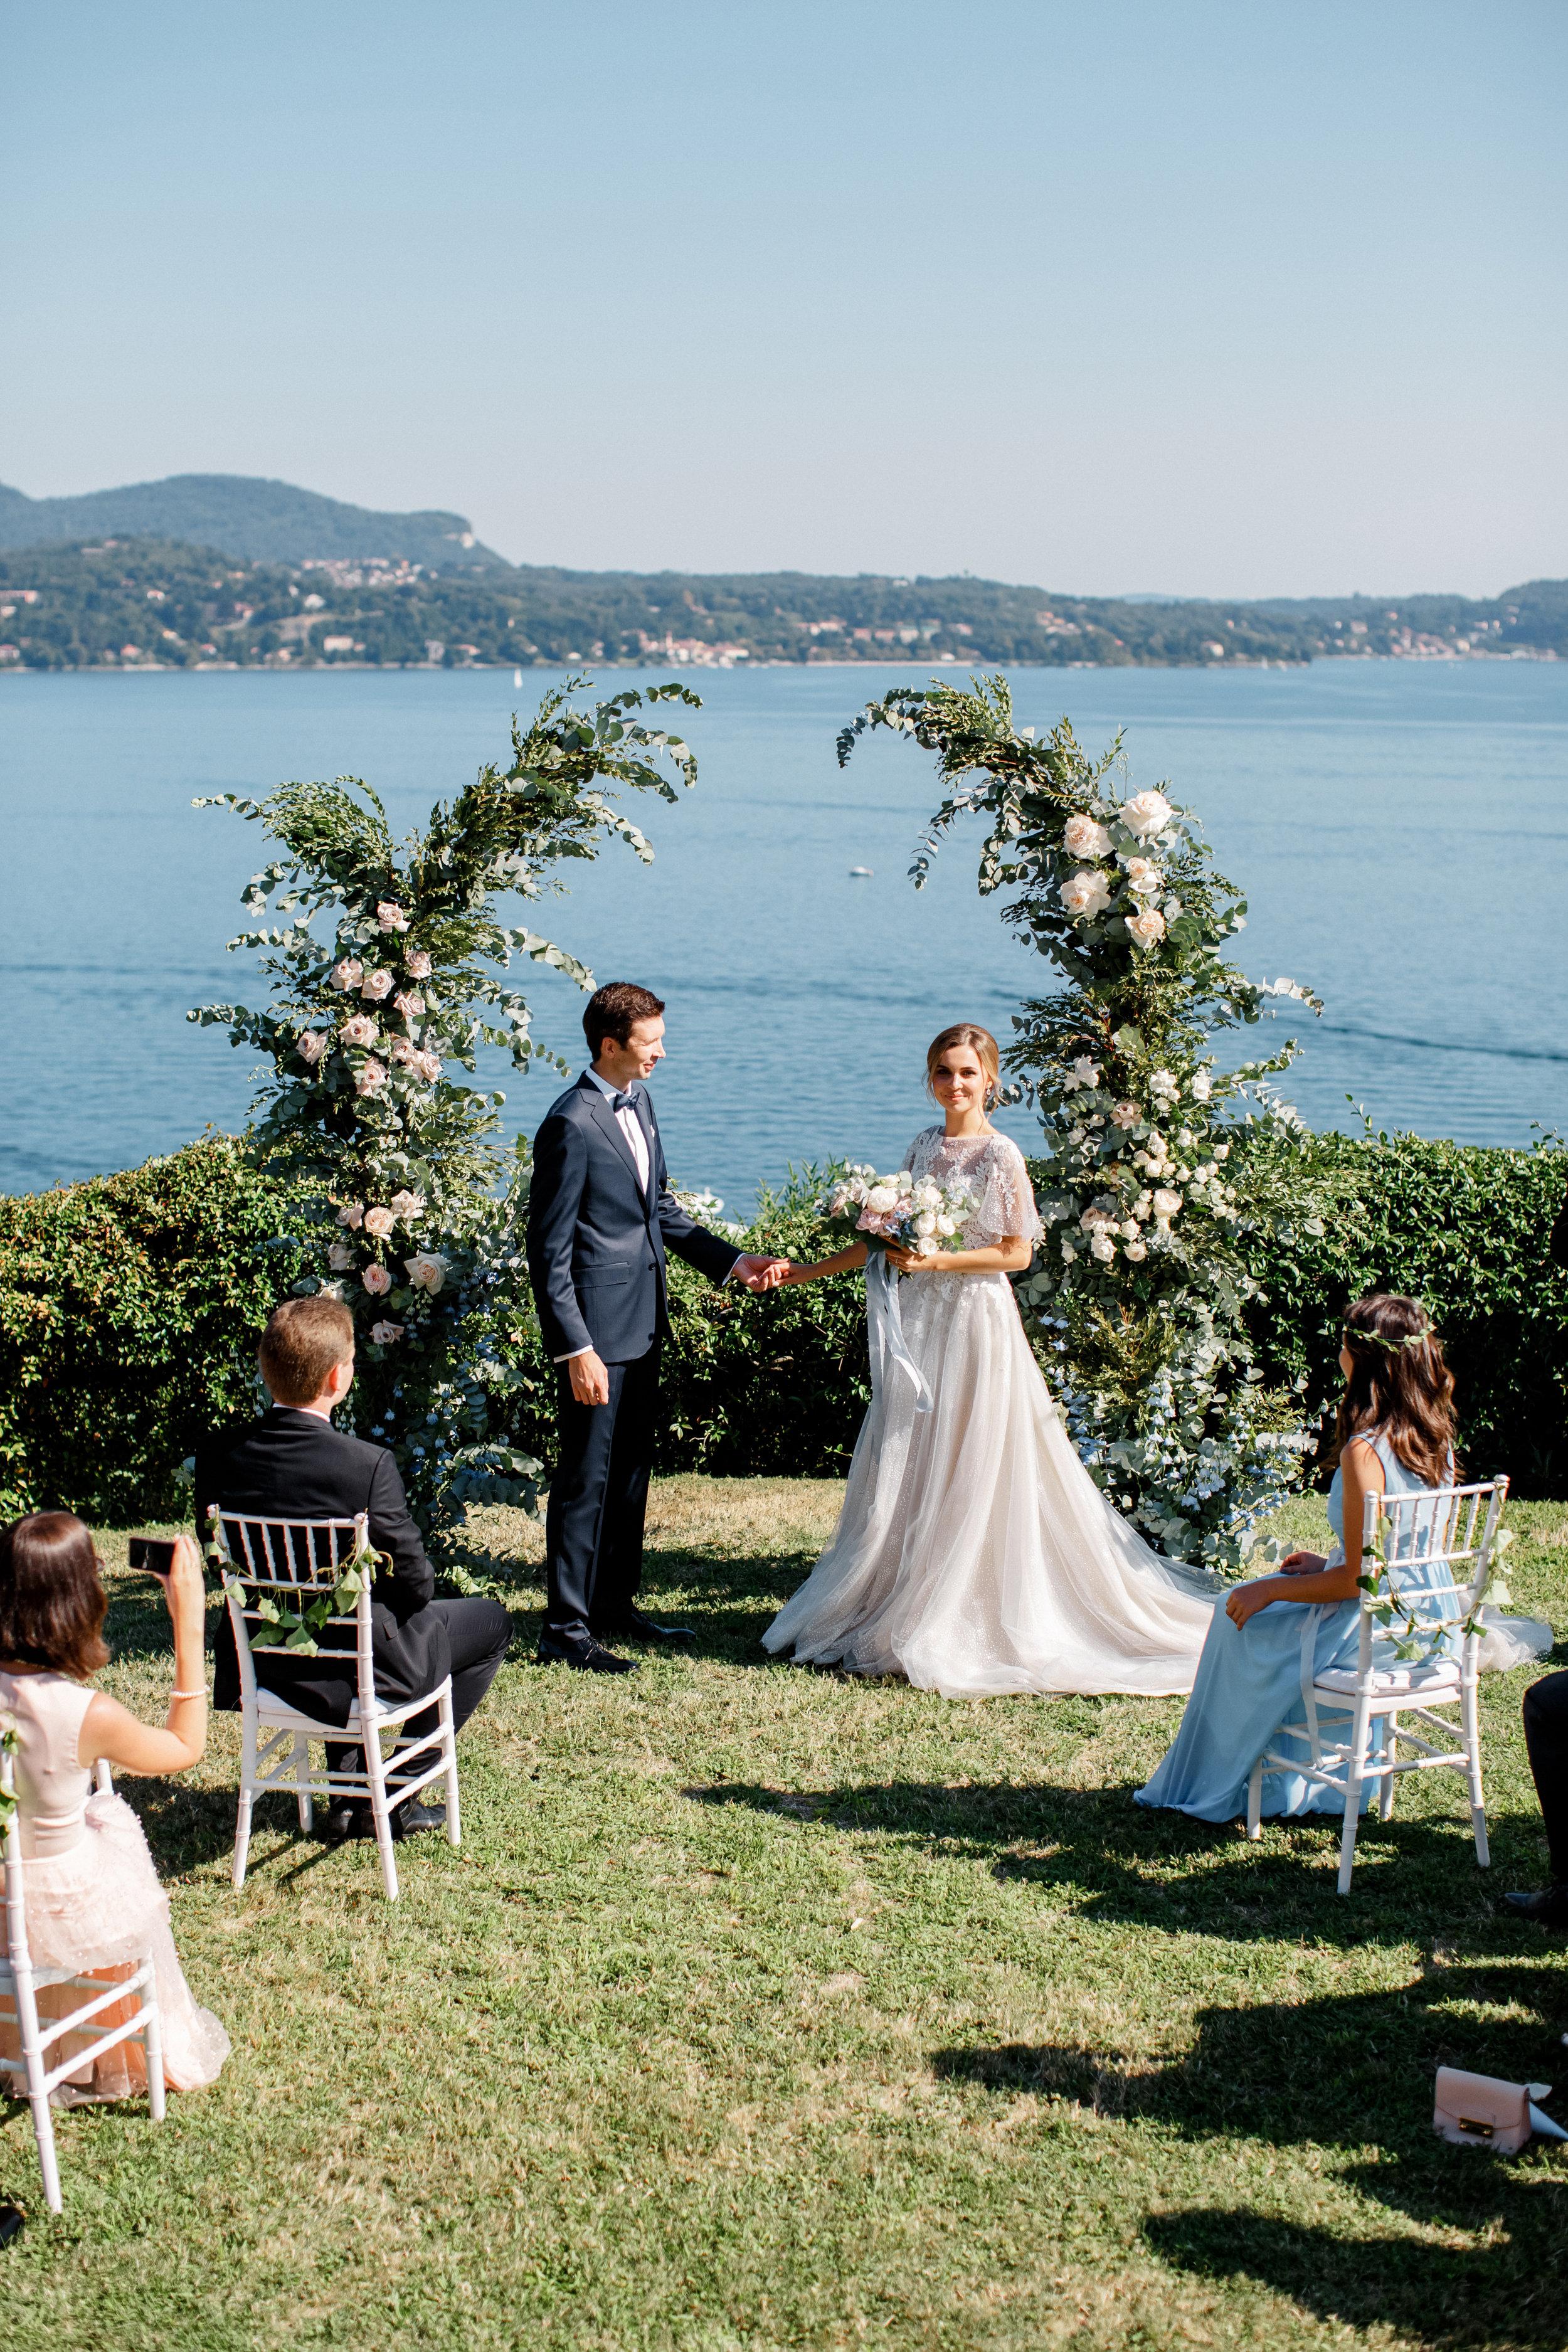 170822-201-Marina-Fadeeva-wedding-photographer.jpg